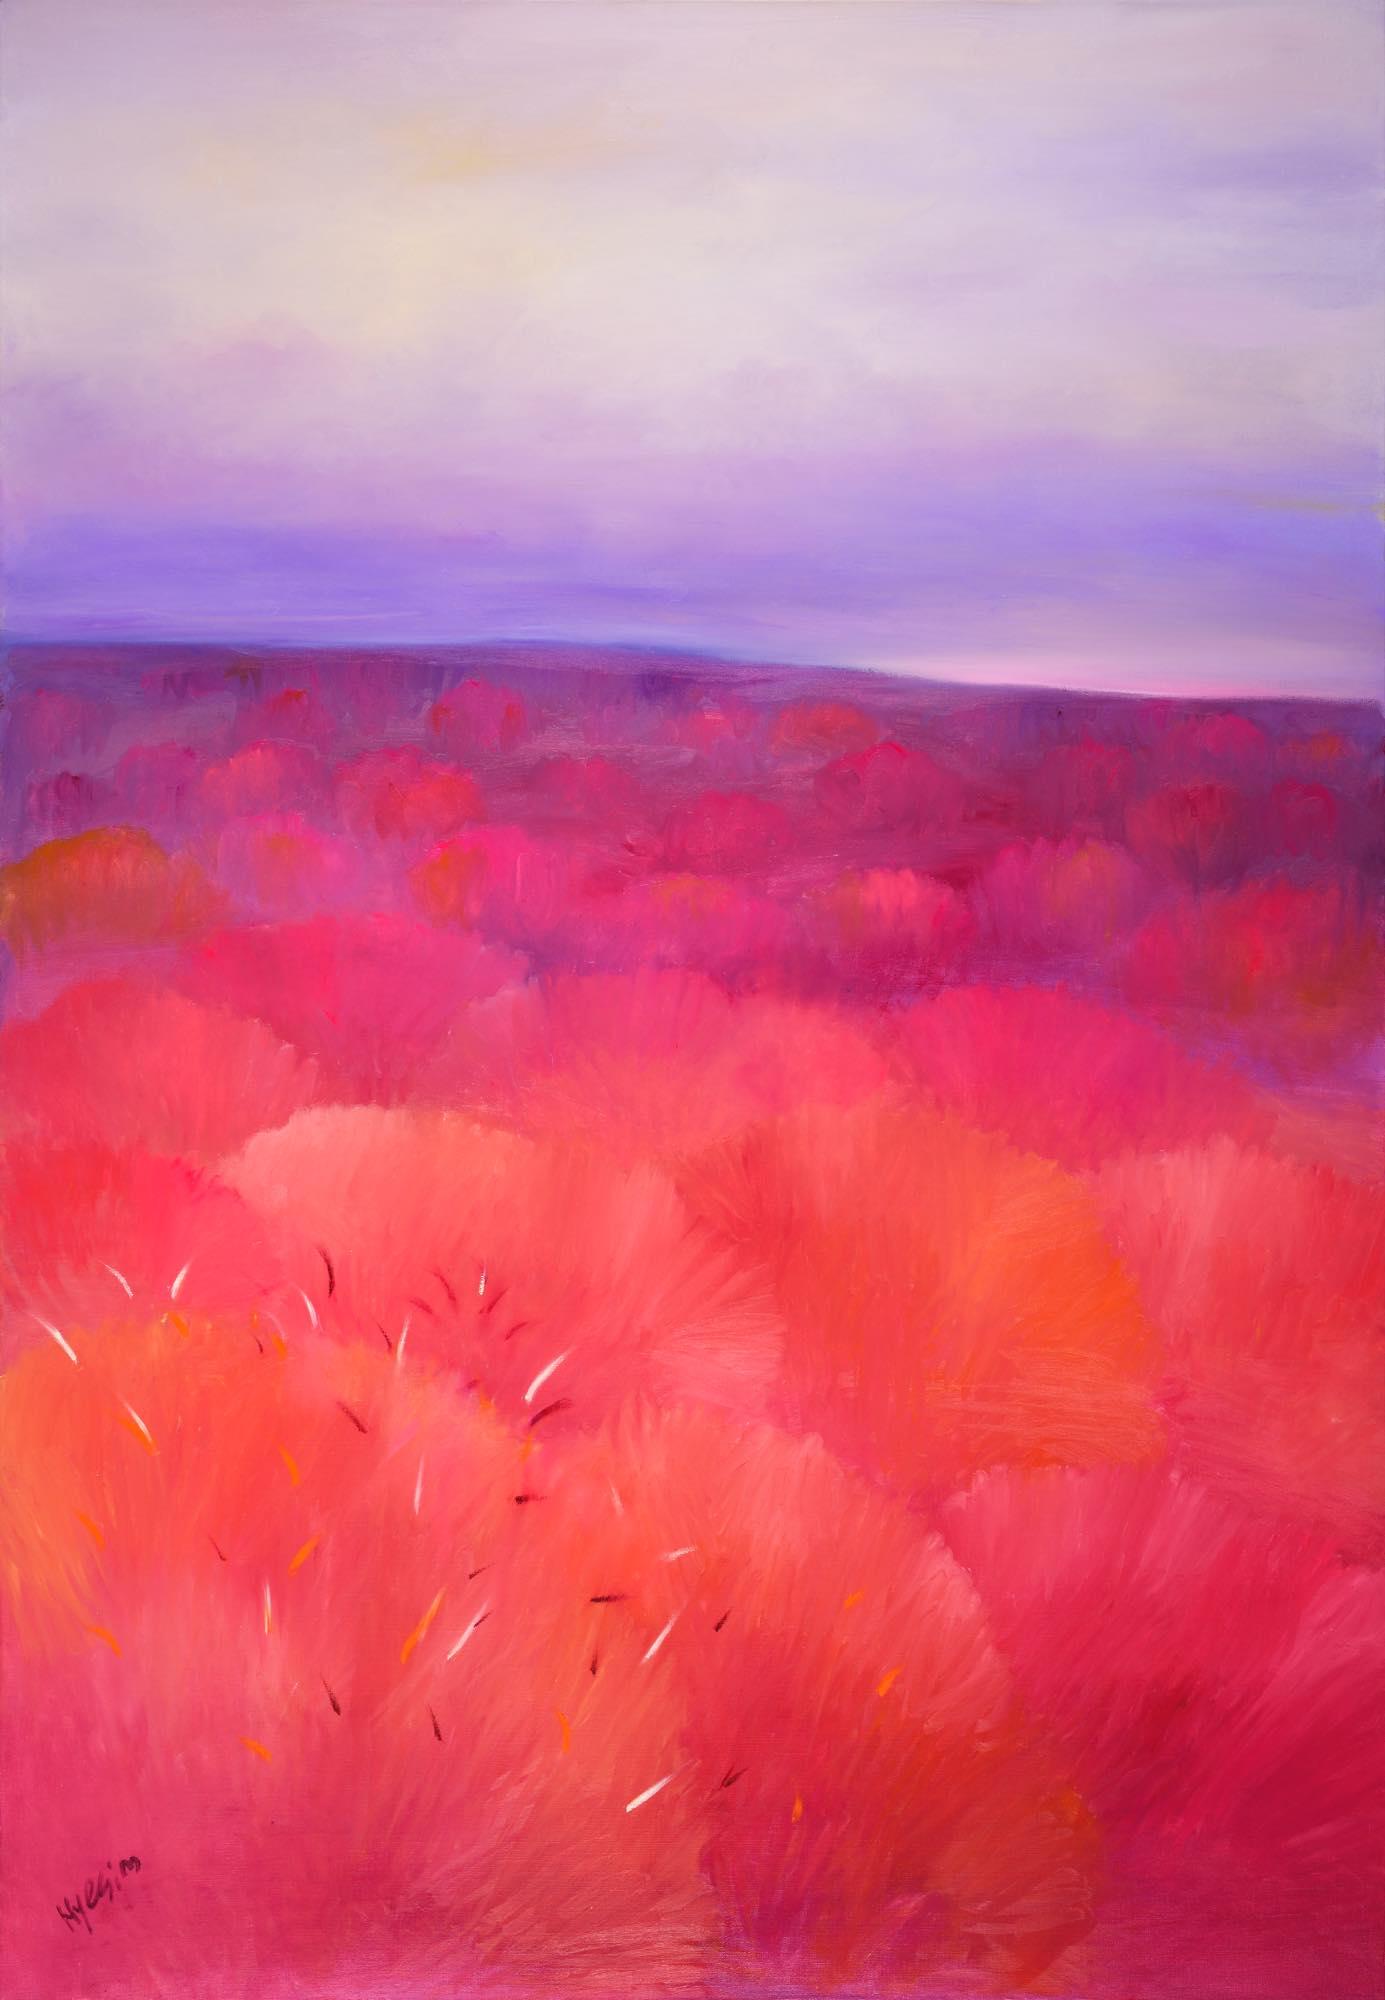 Hyesim Choi, Oil on Canvas, 112cm(W) x 162cm(H), 2020